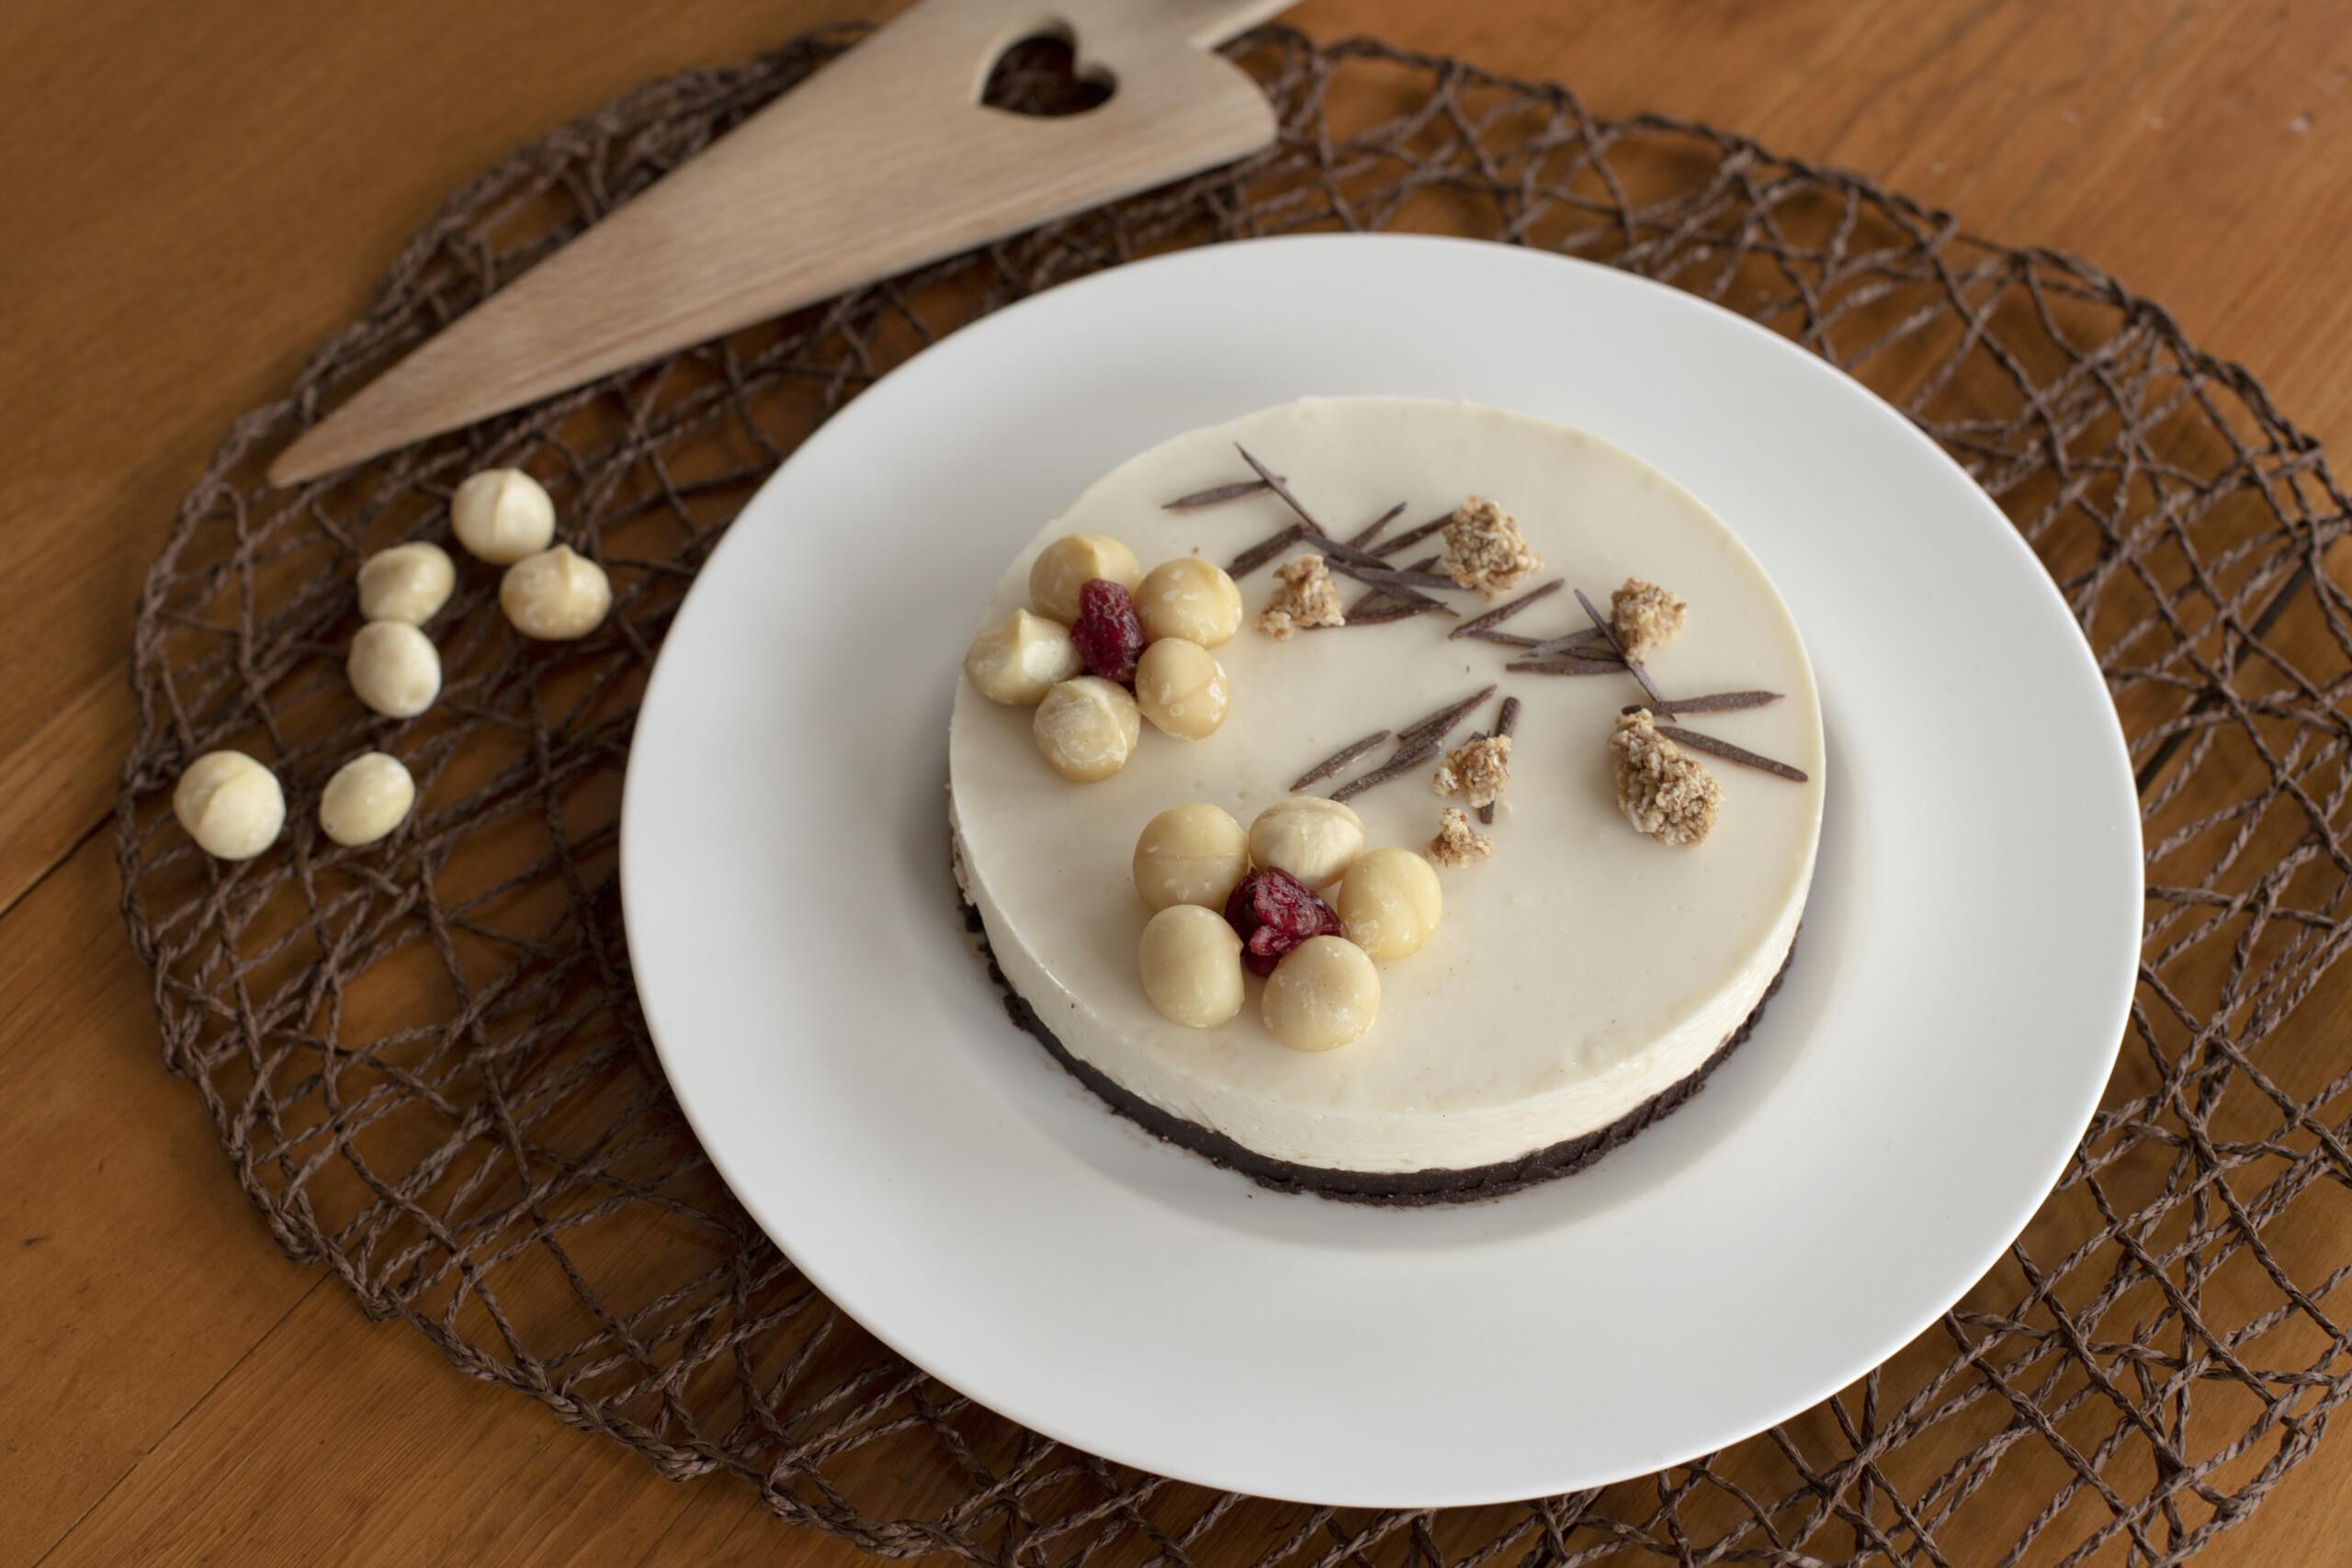 Cheesecake bianca e nera